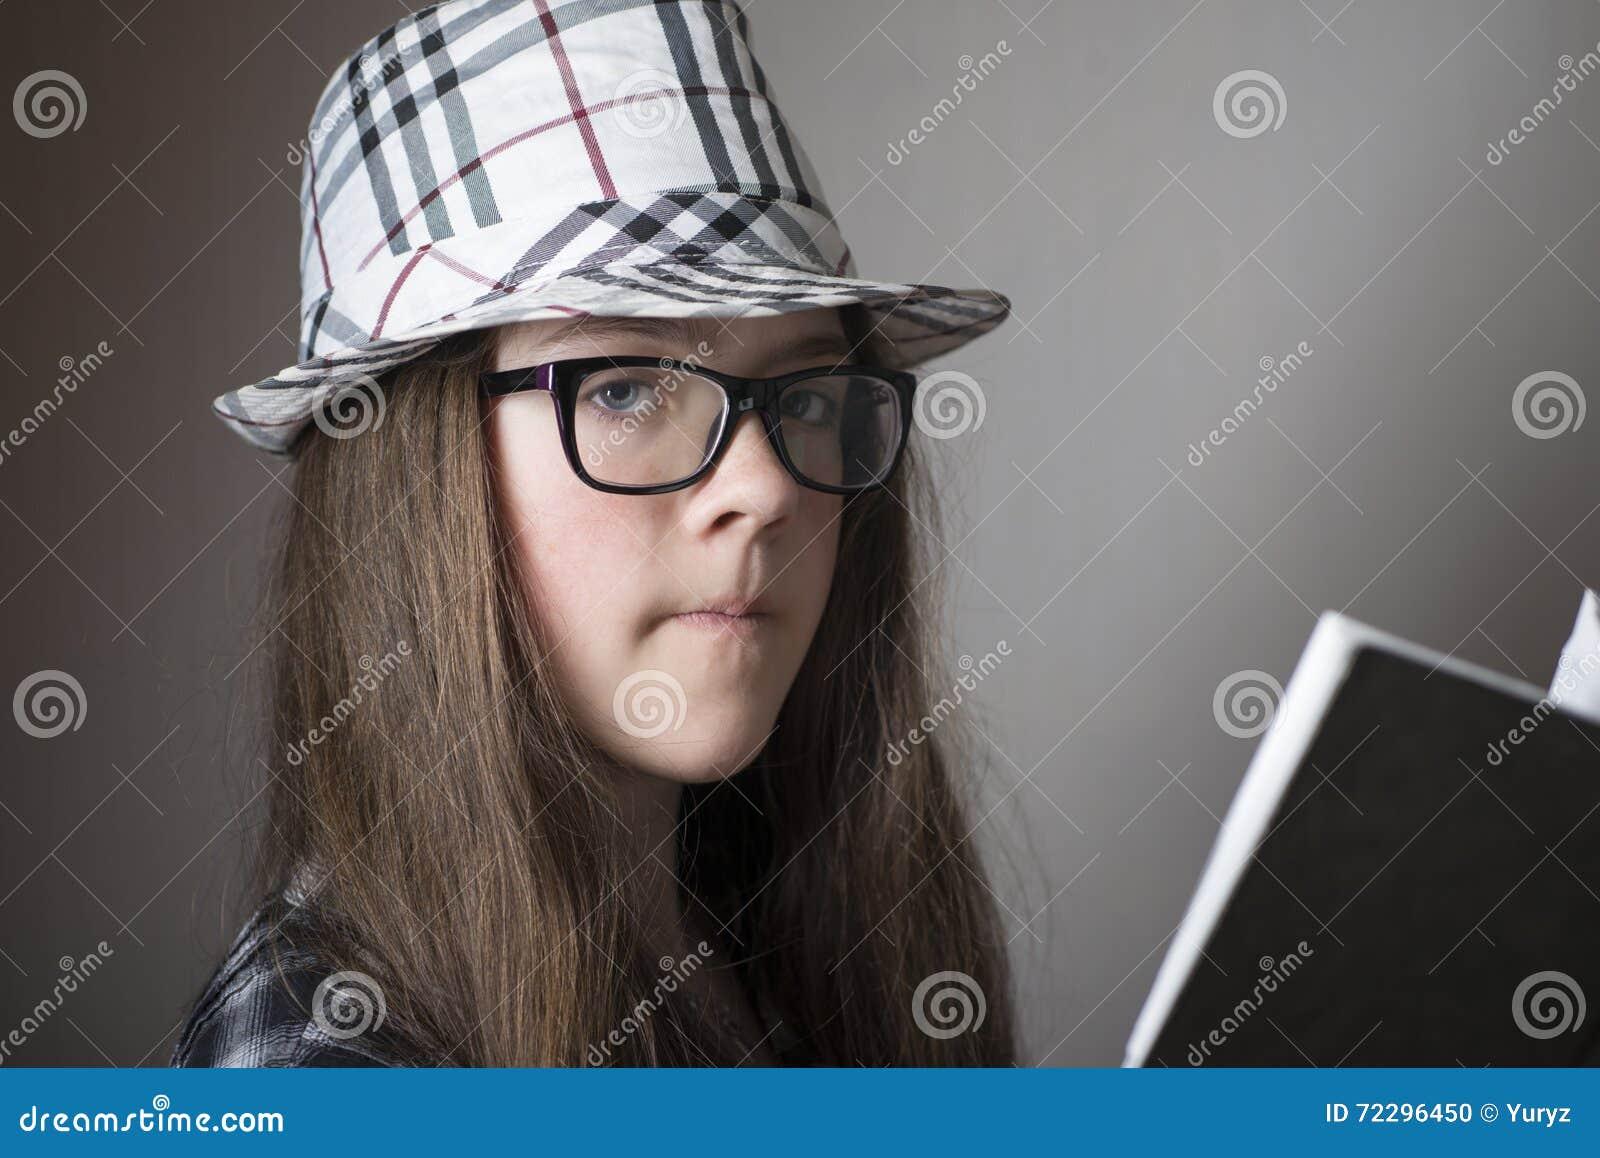 Download Девушка в шляпе с книгой стоковое фото. изображение насчитывающей рубашка - 72296450